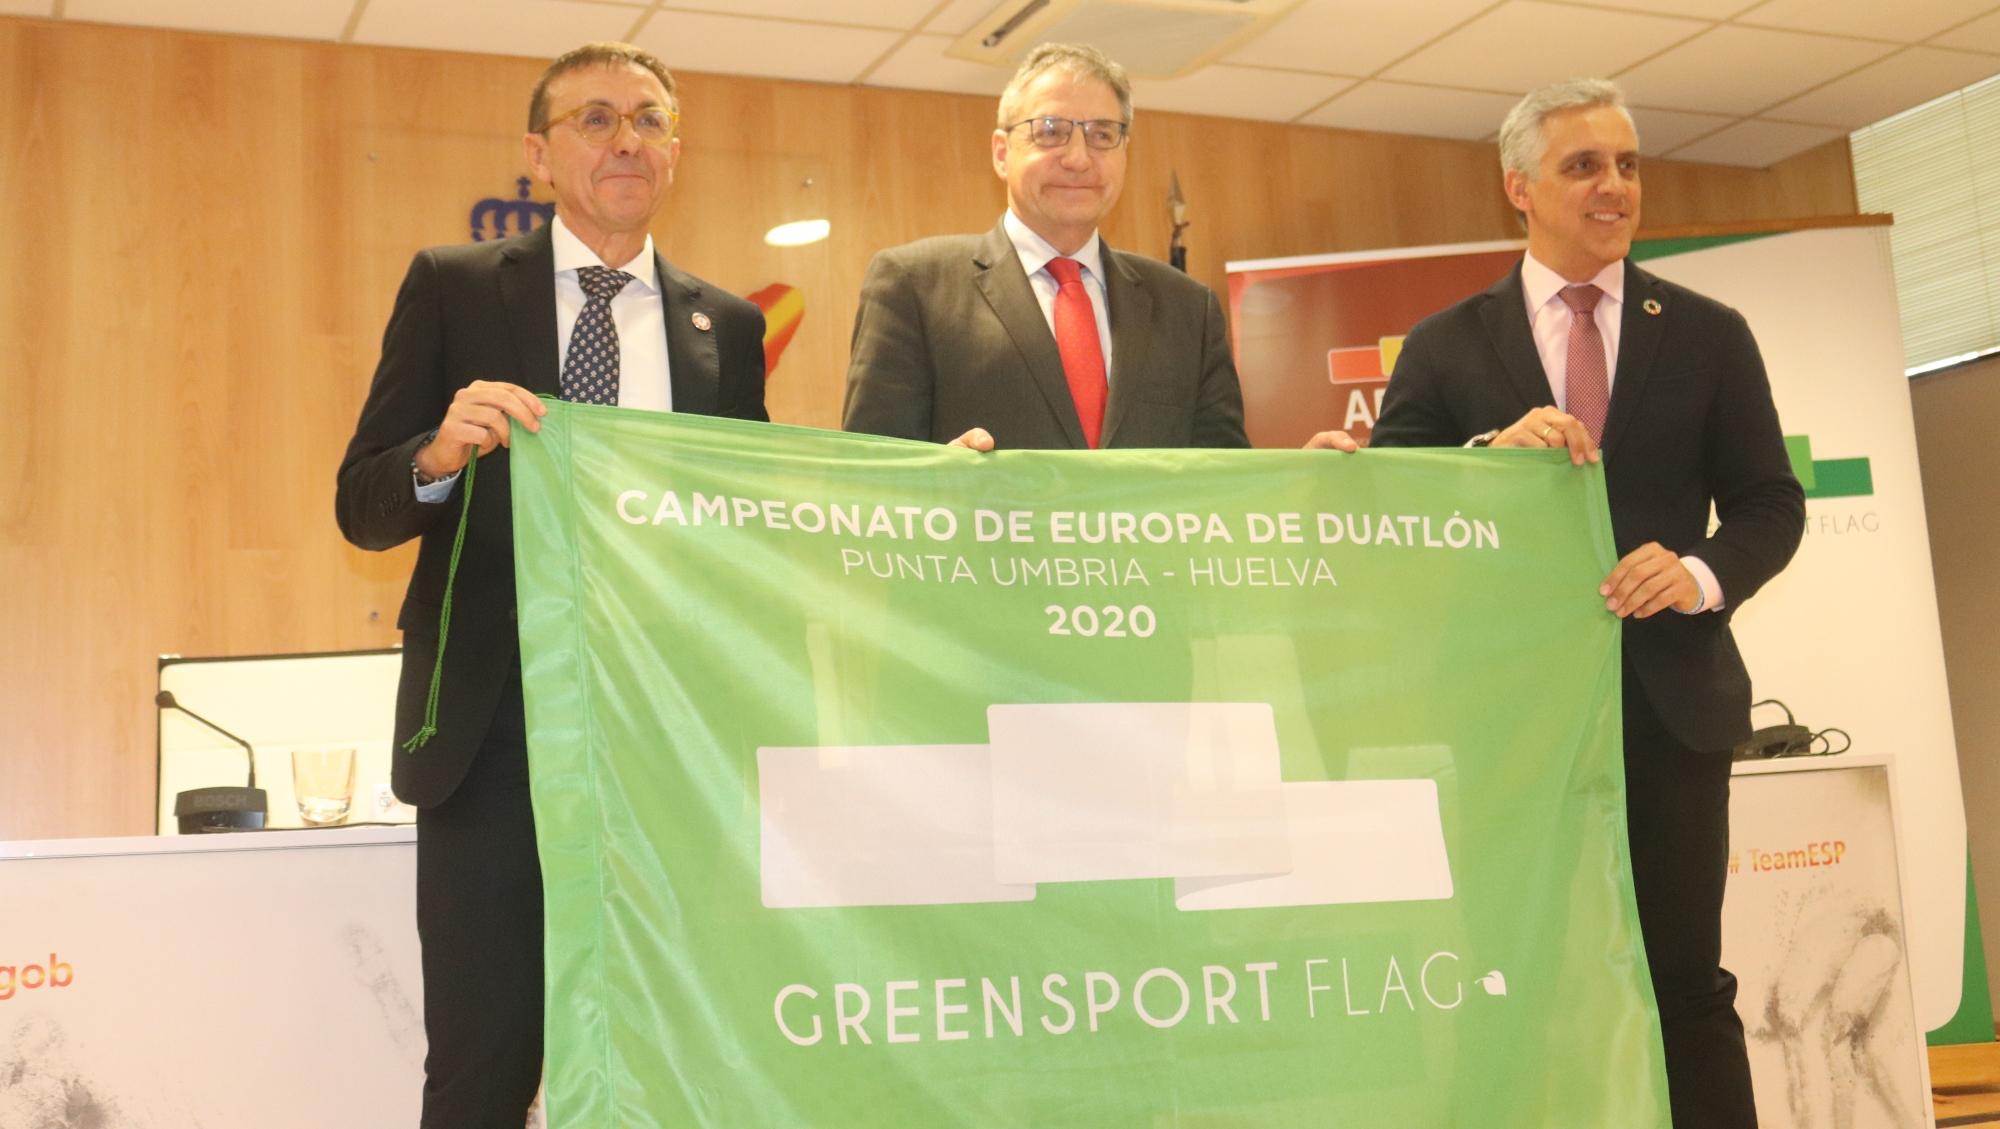 La Bandera Verde del Deporte Español se estrenará en el Campeonato de Europa de Duatlón